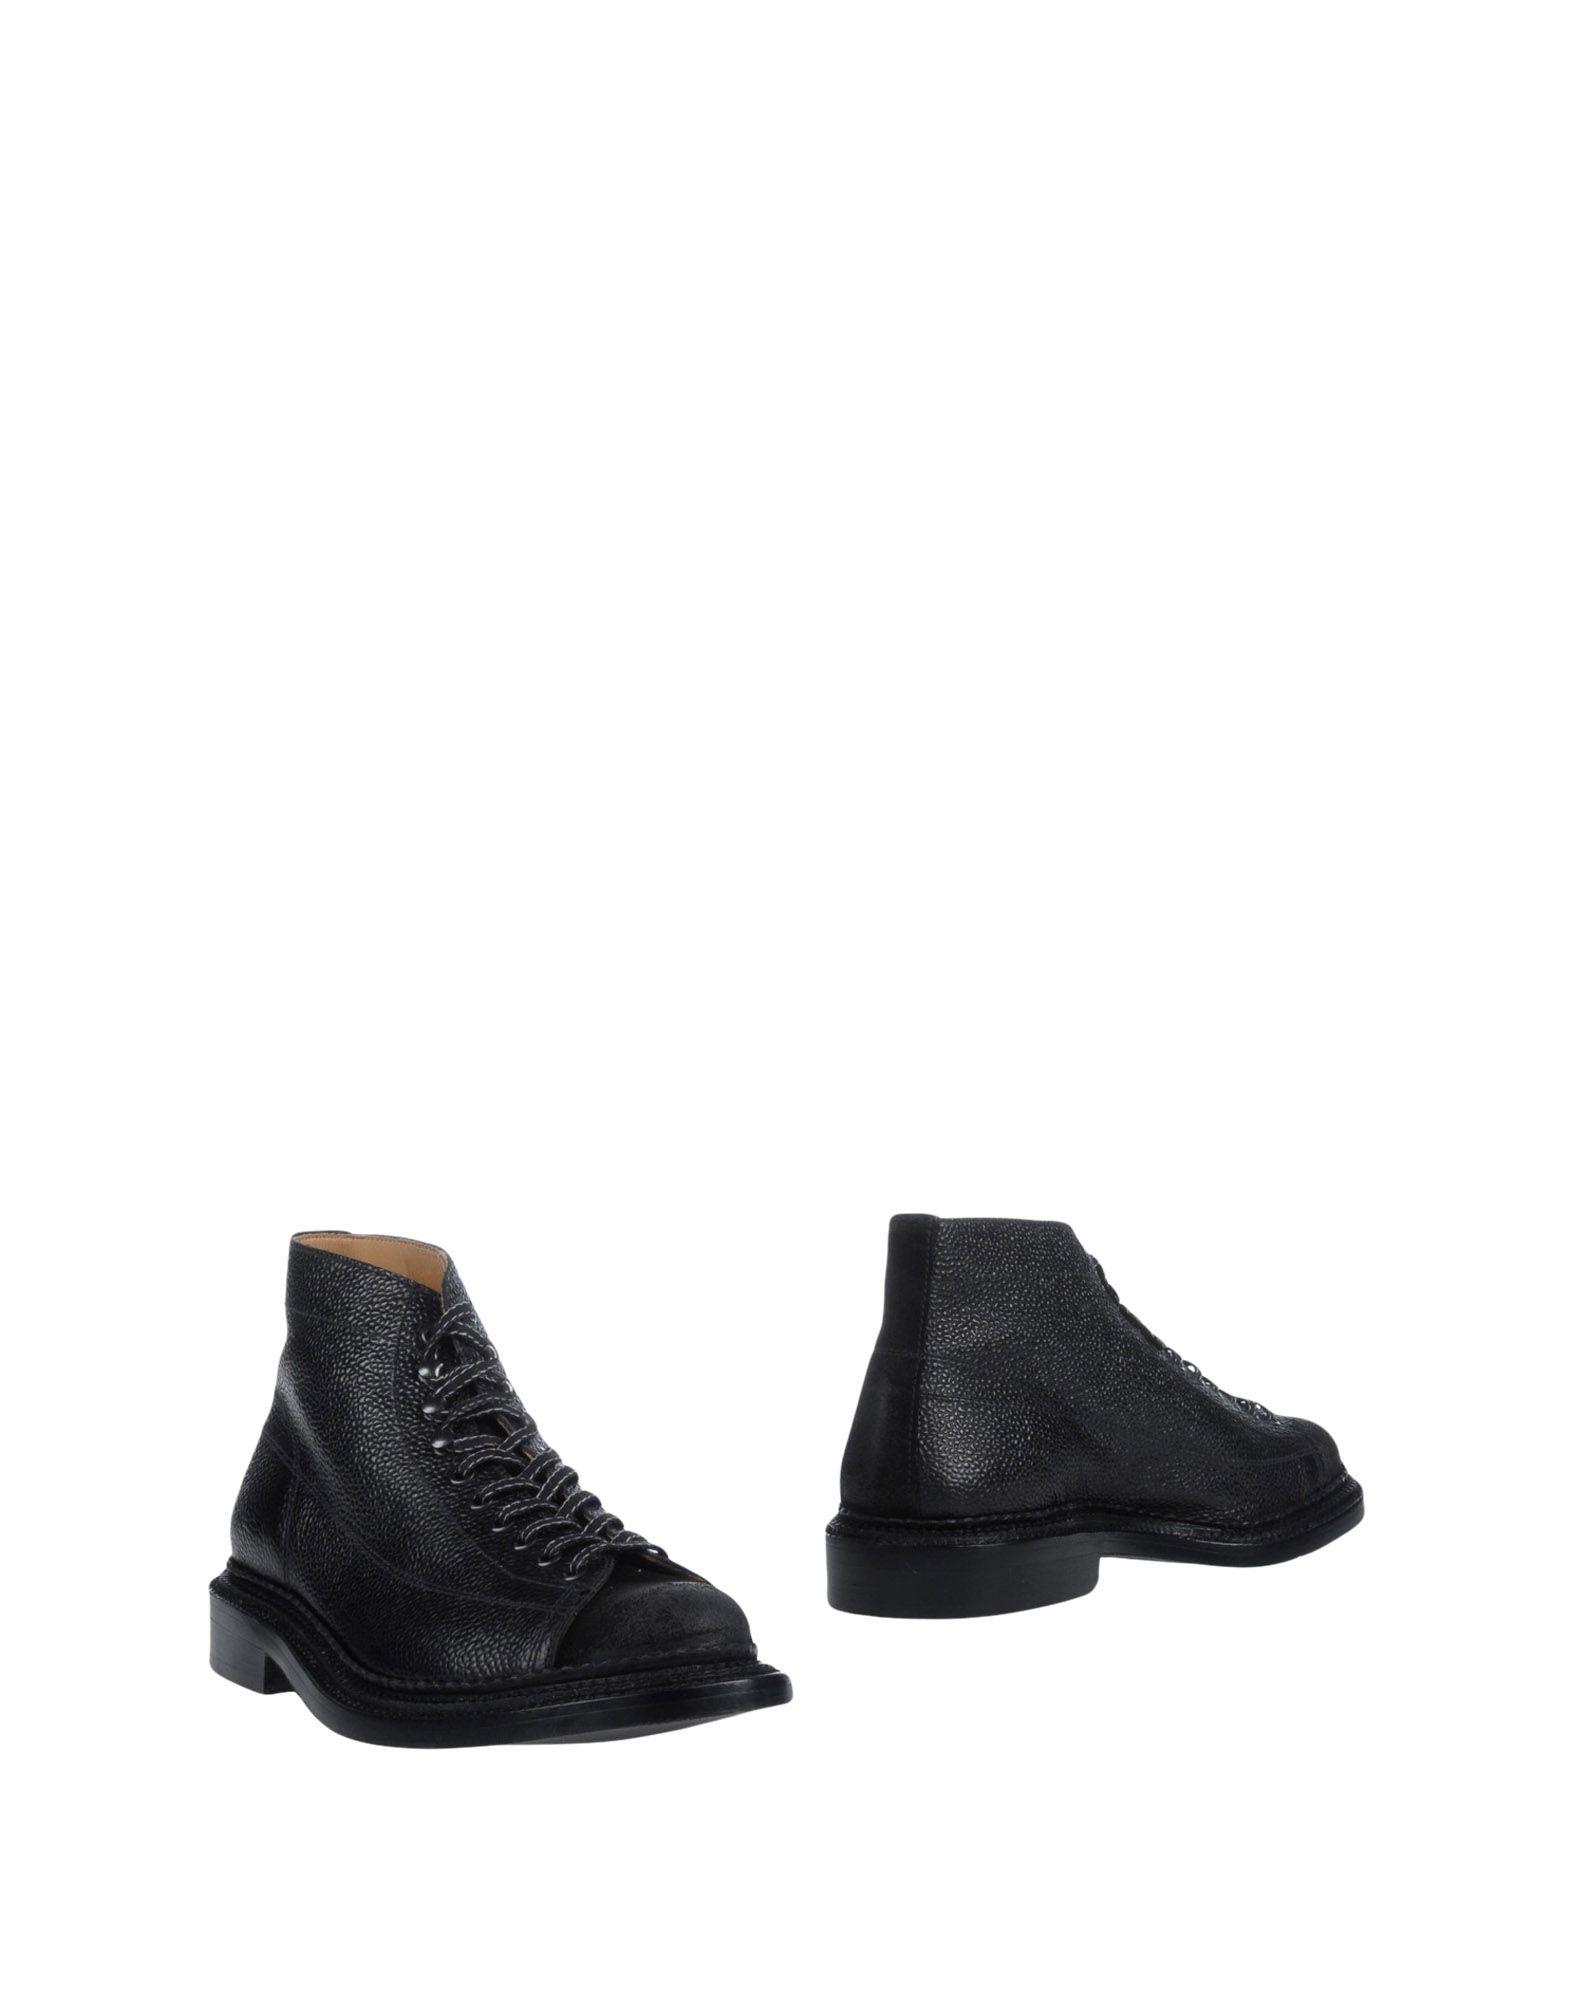 Grenson Stiefelette Herren  11505907XH Gute Qualität beliebte Schuhe